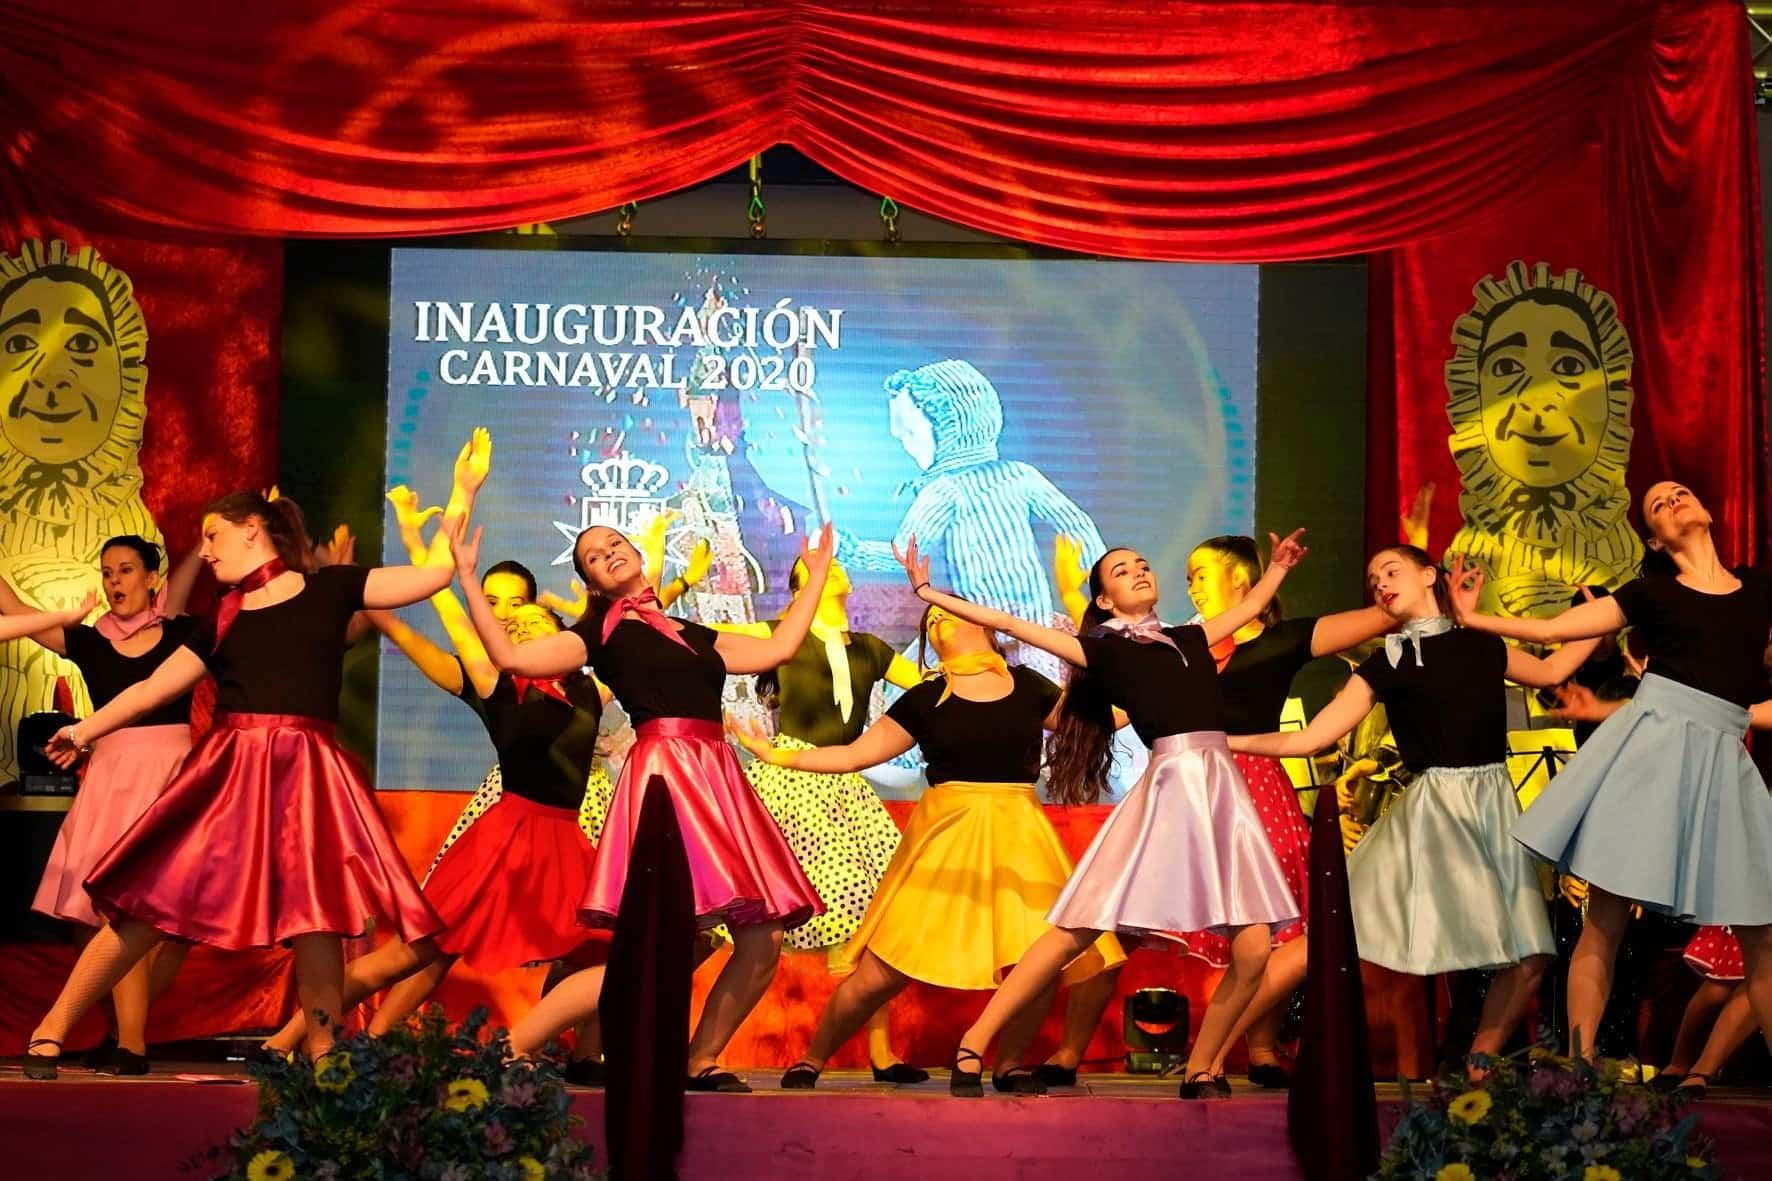 inauguracion carnaval 2020 herencia 27 - Inauguración del Carnaval de Herencia 2020